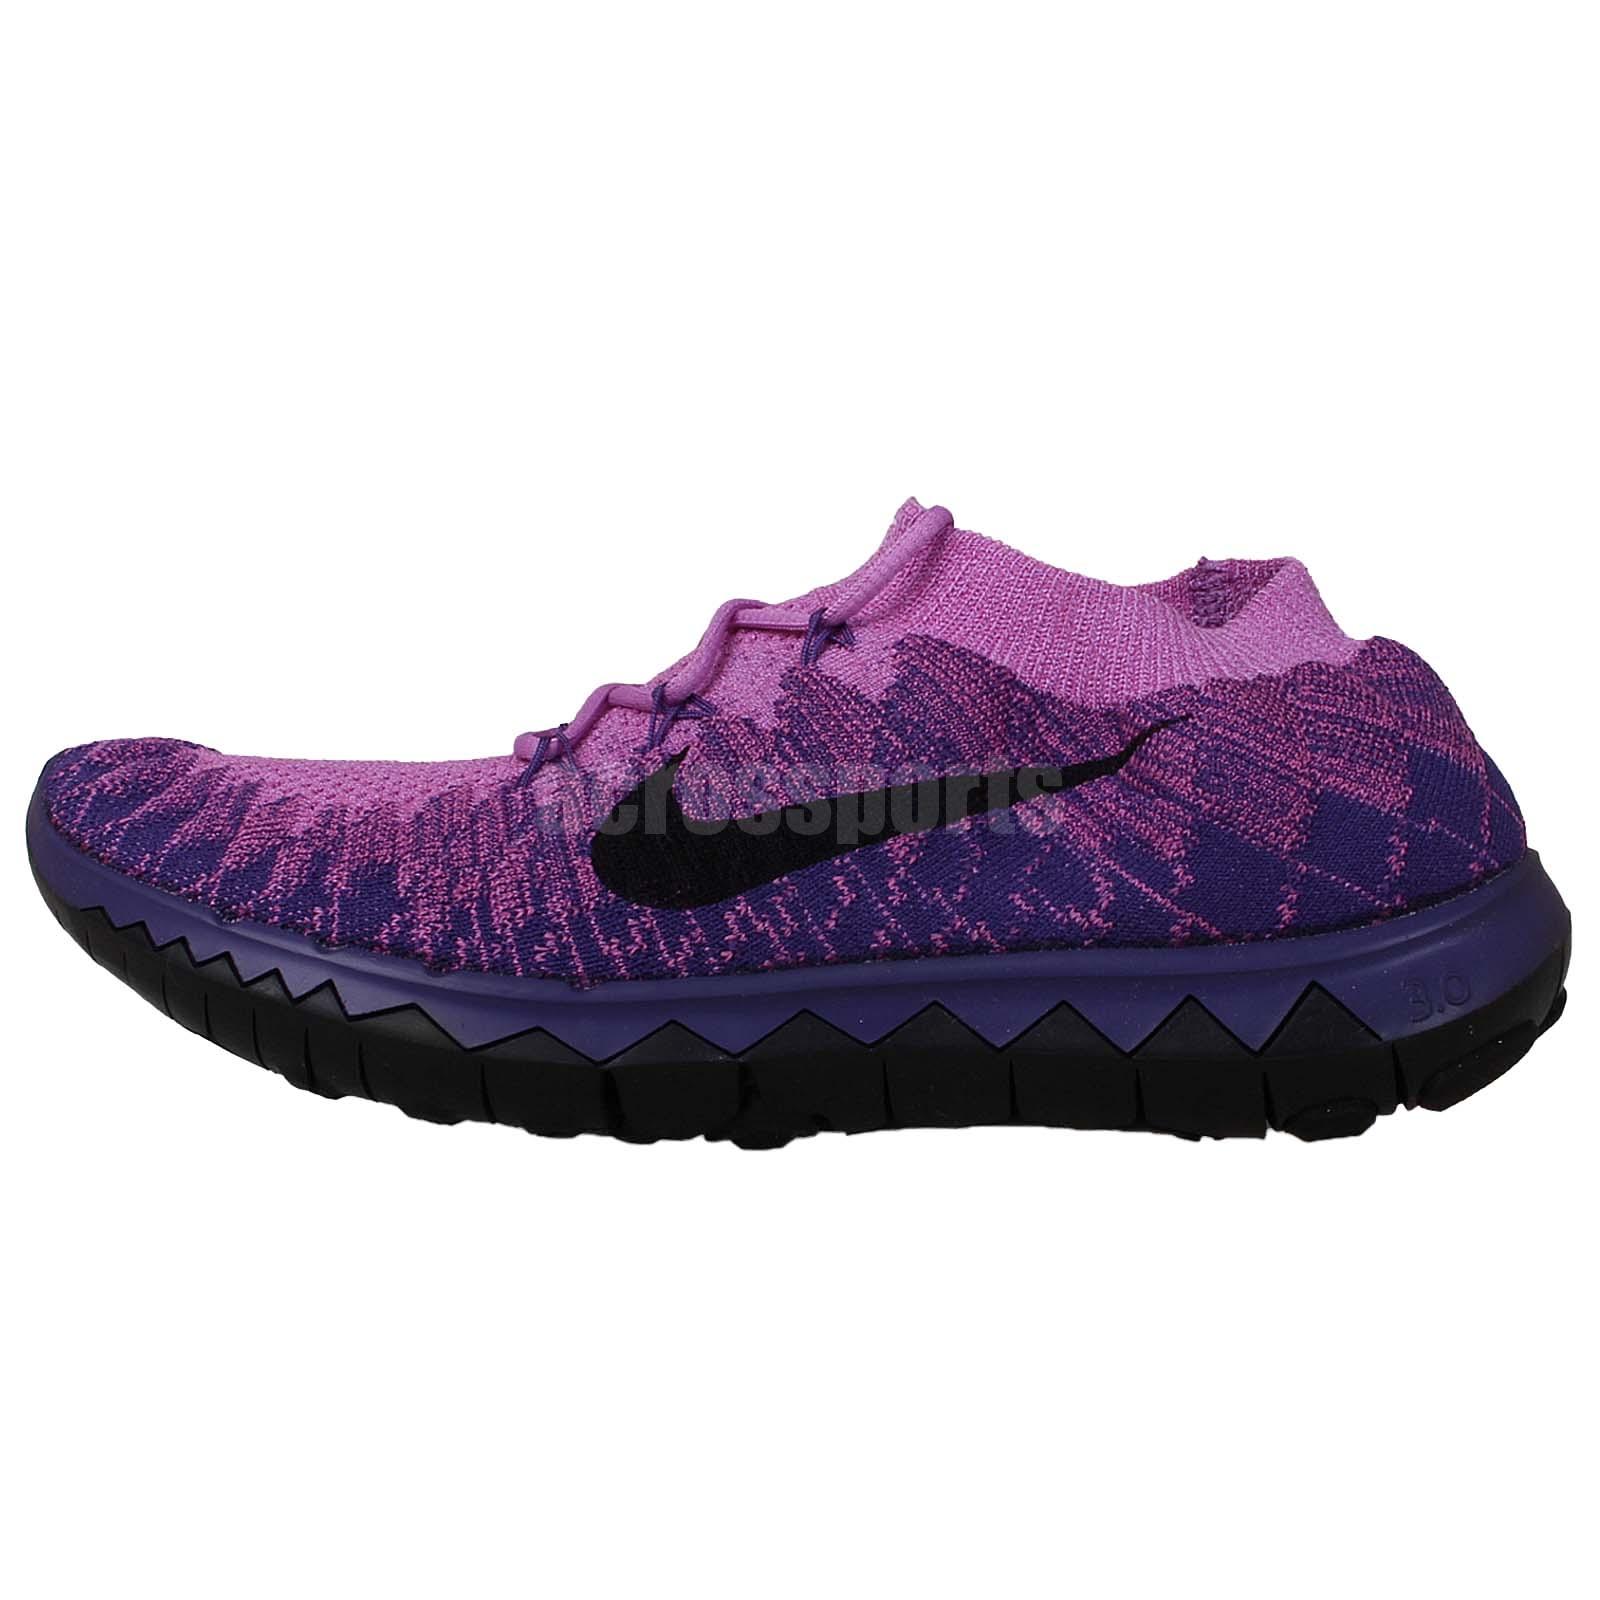 Nike Wmns Free 3.0 Flyknit Run Purple Black 2014 Womens ...